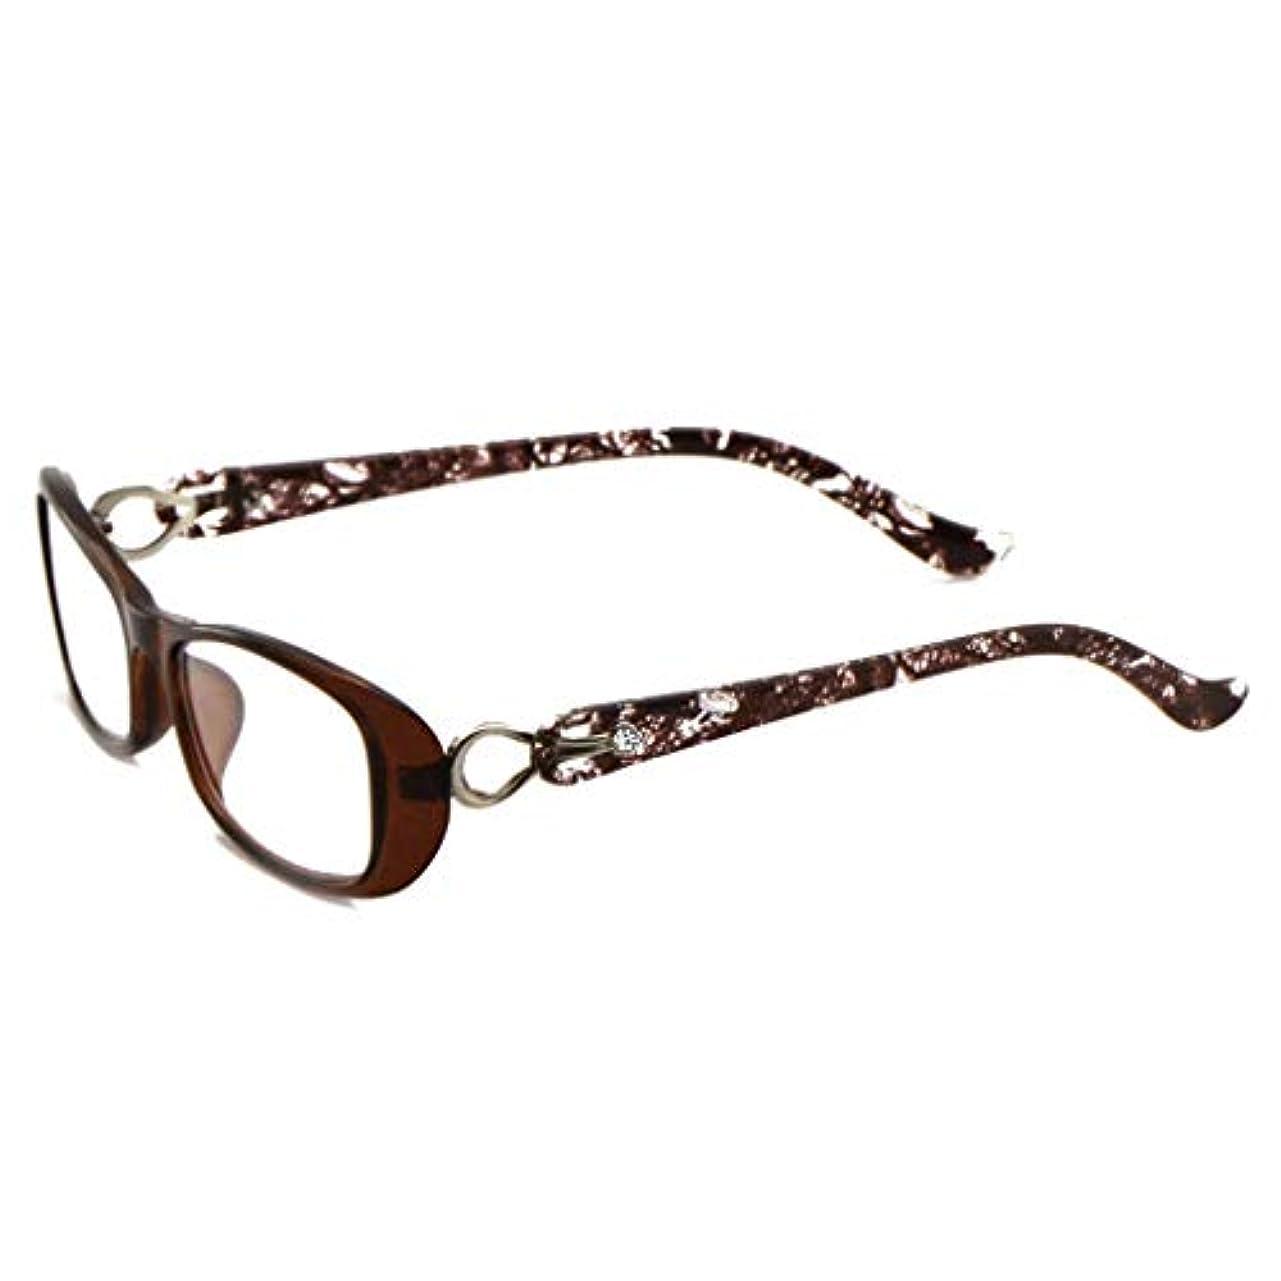 鼓舞する俳優プロジェクターLCSHAN アンチブルー老眼鏡ラージフレーム女性の超軽量ファッション抗疲労遠近両用+ 1.5 (Color : Brown, Size : 100 degrees)